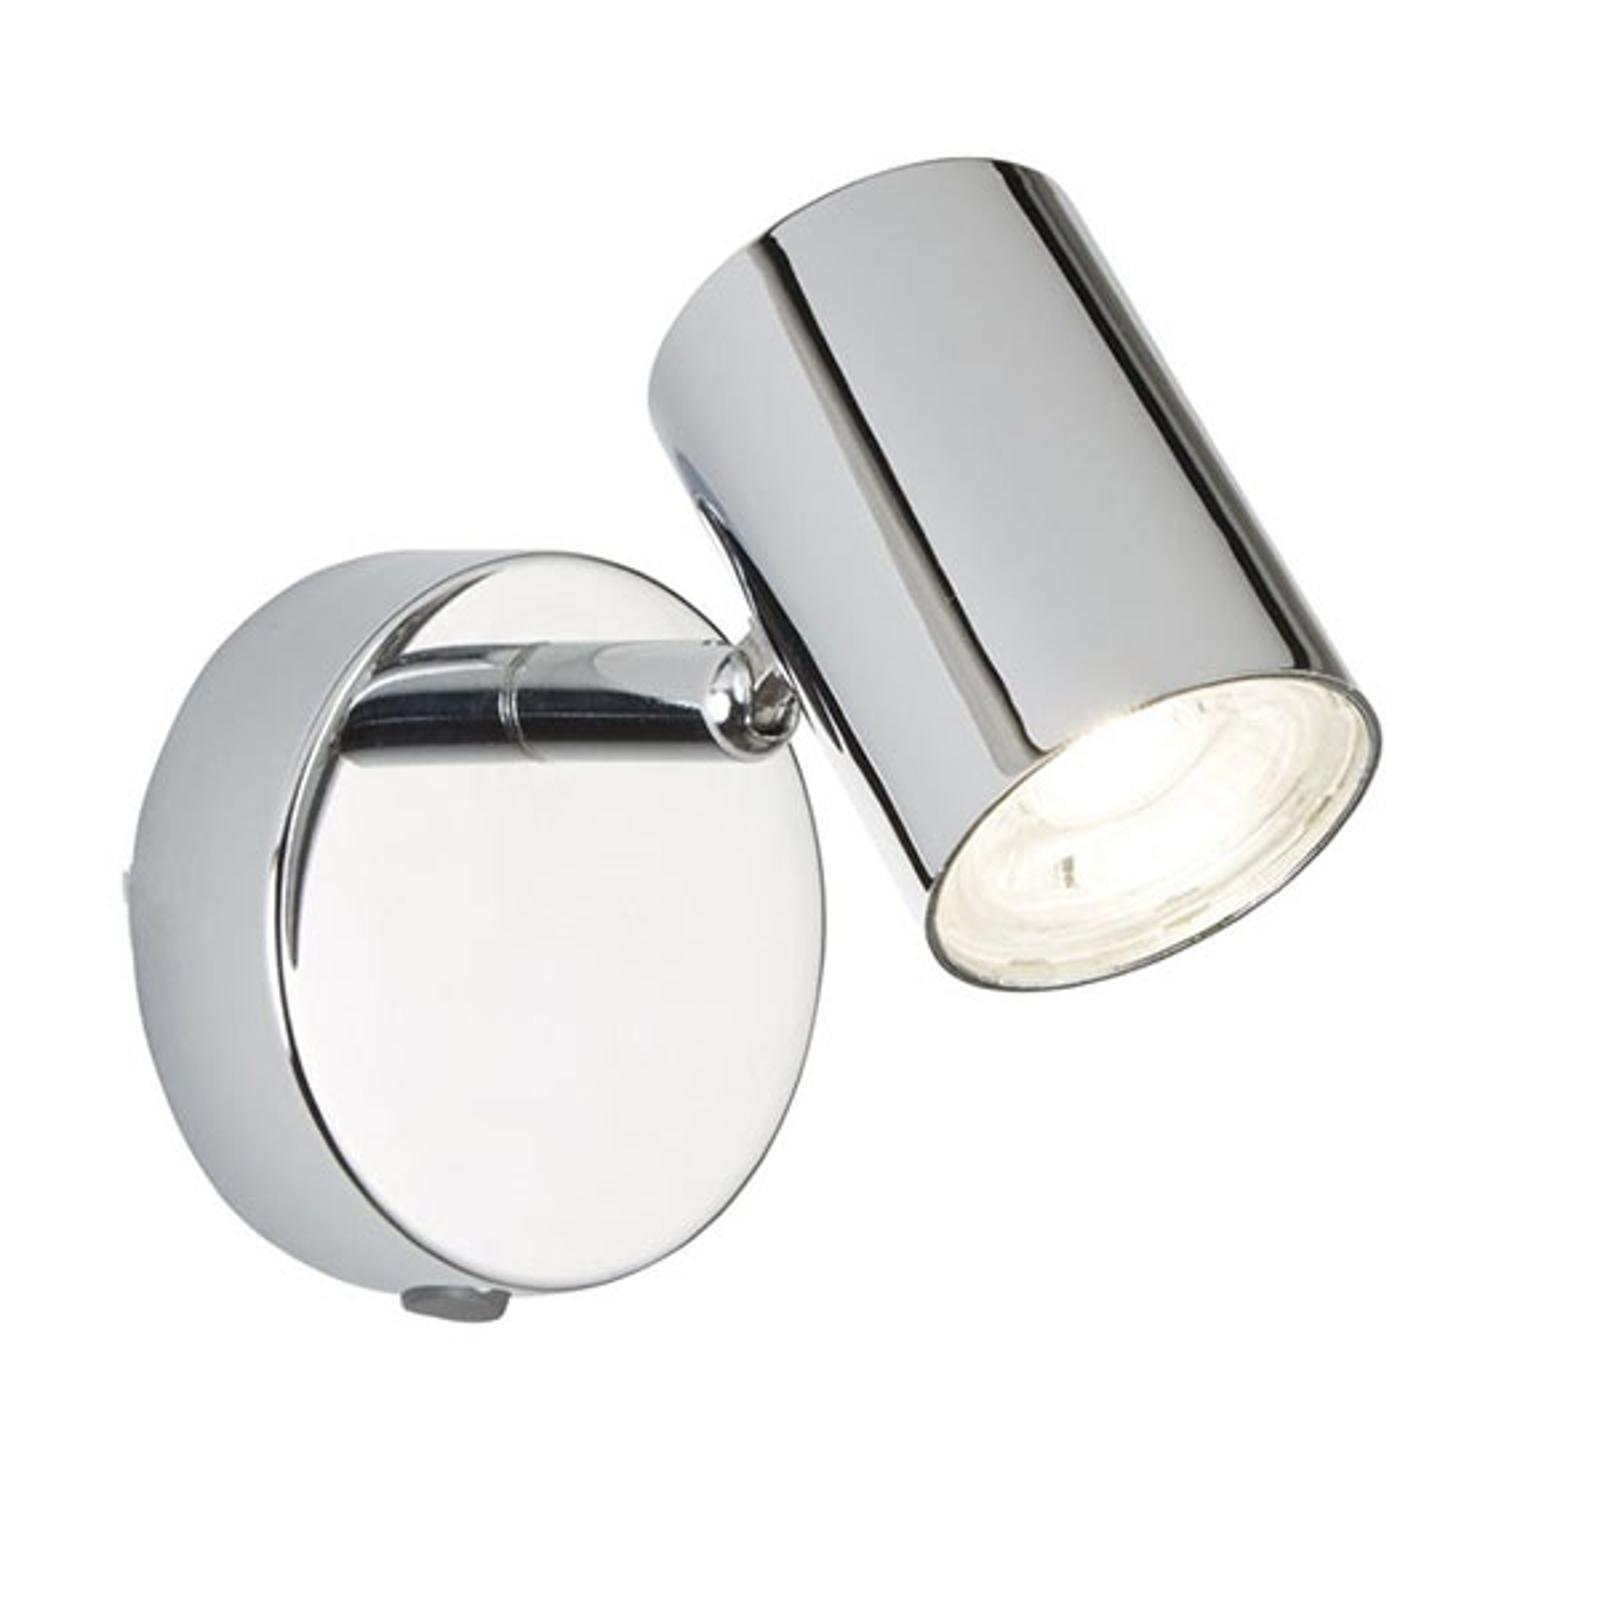 LED-Wandstrahler Rollo, chrom mit Schalter